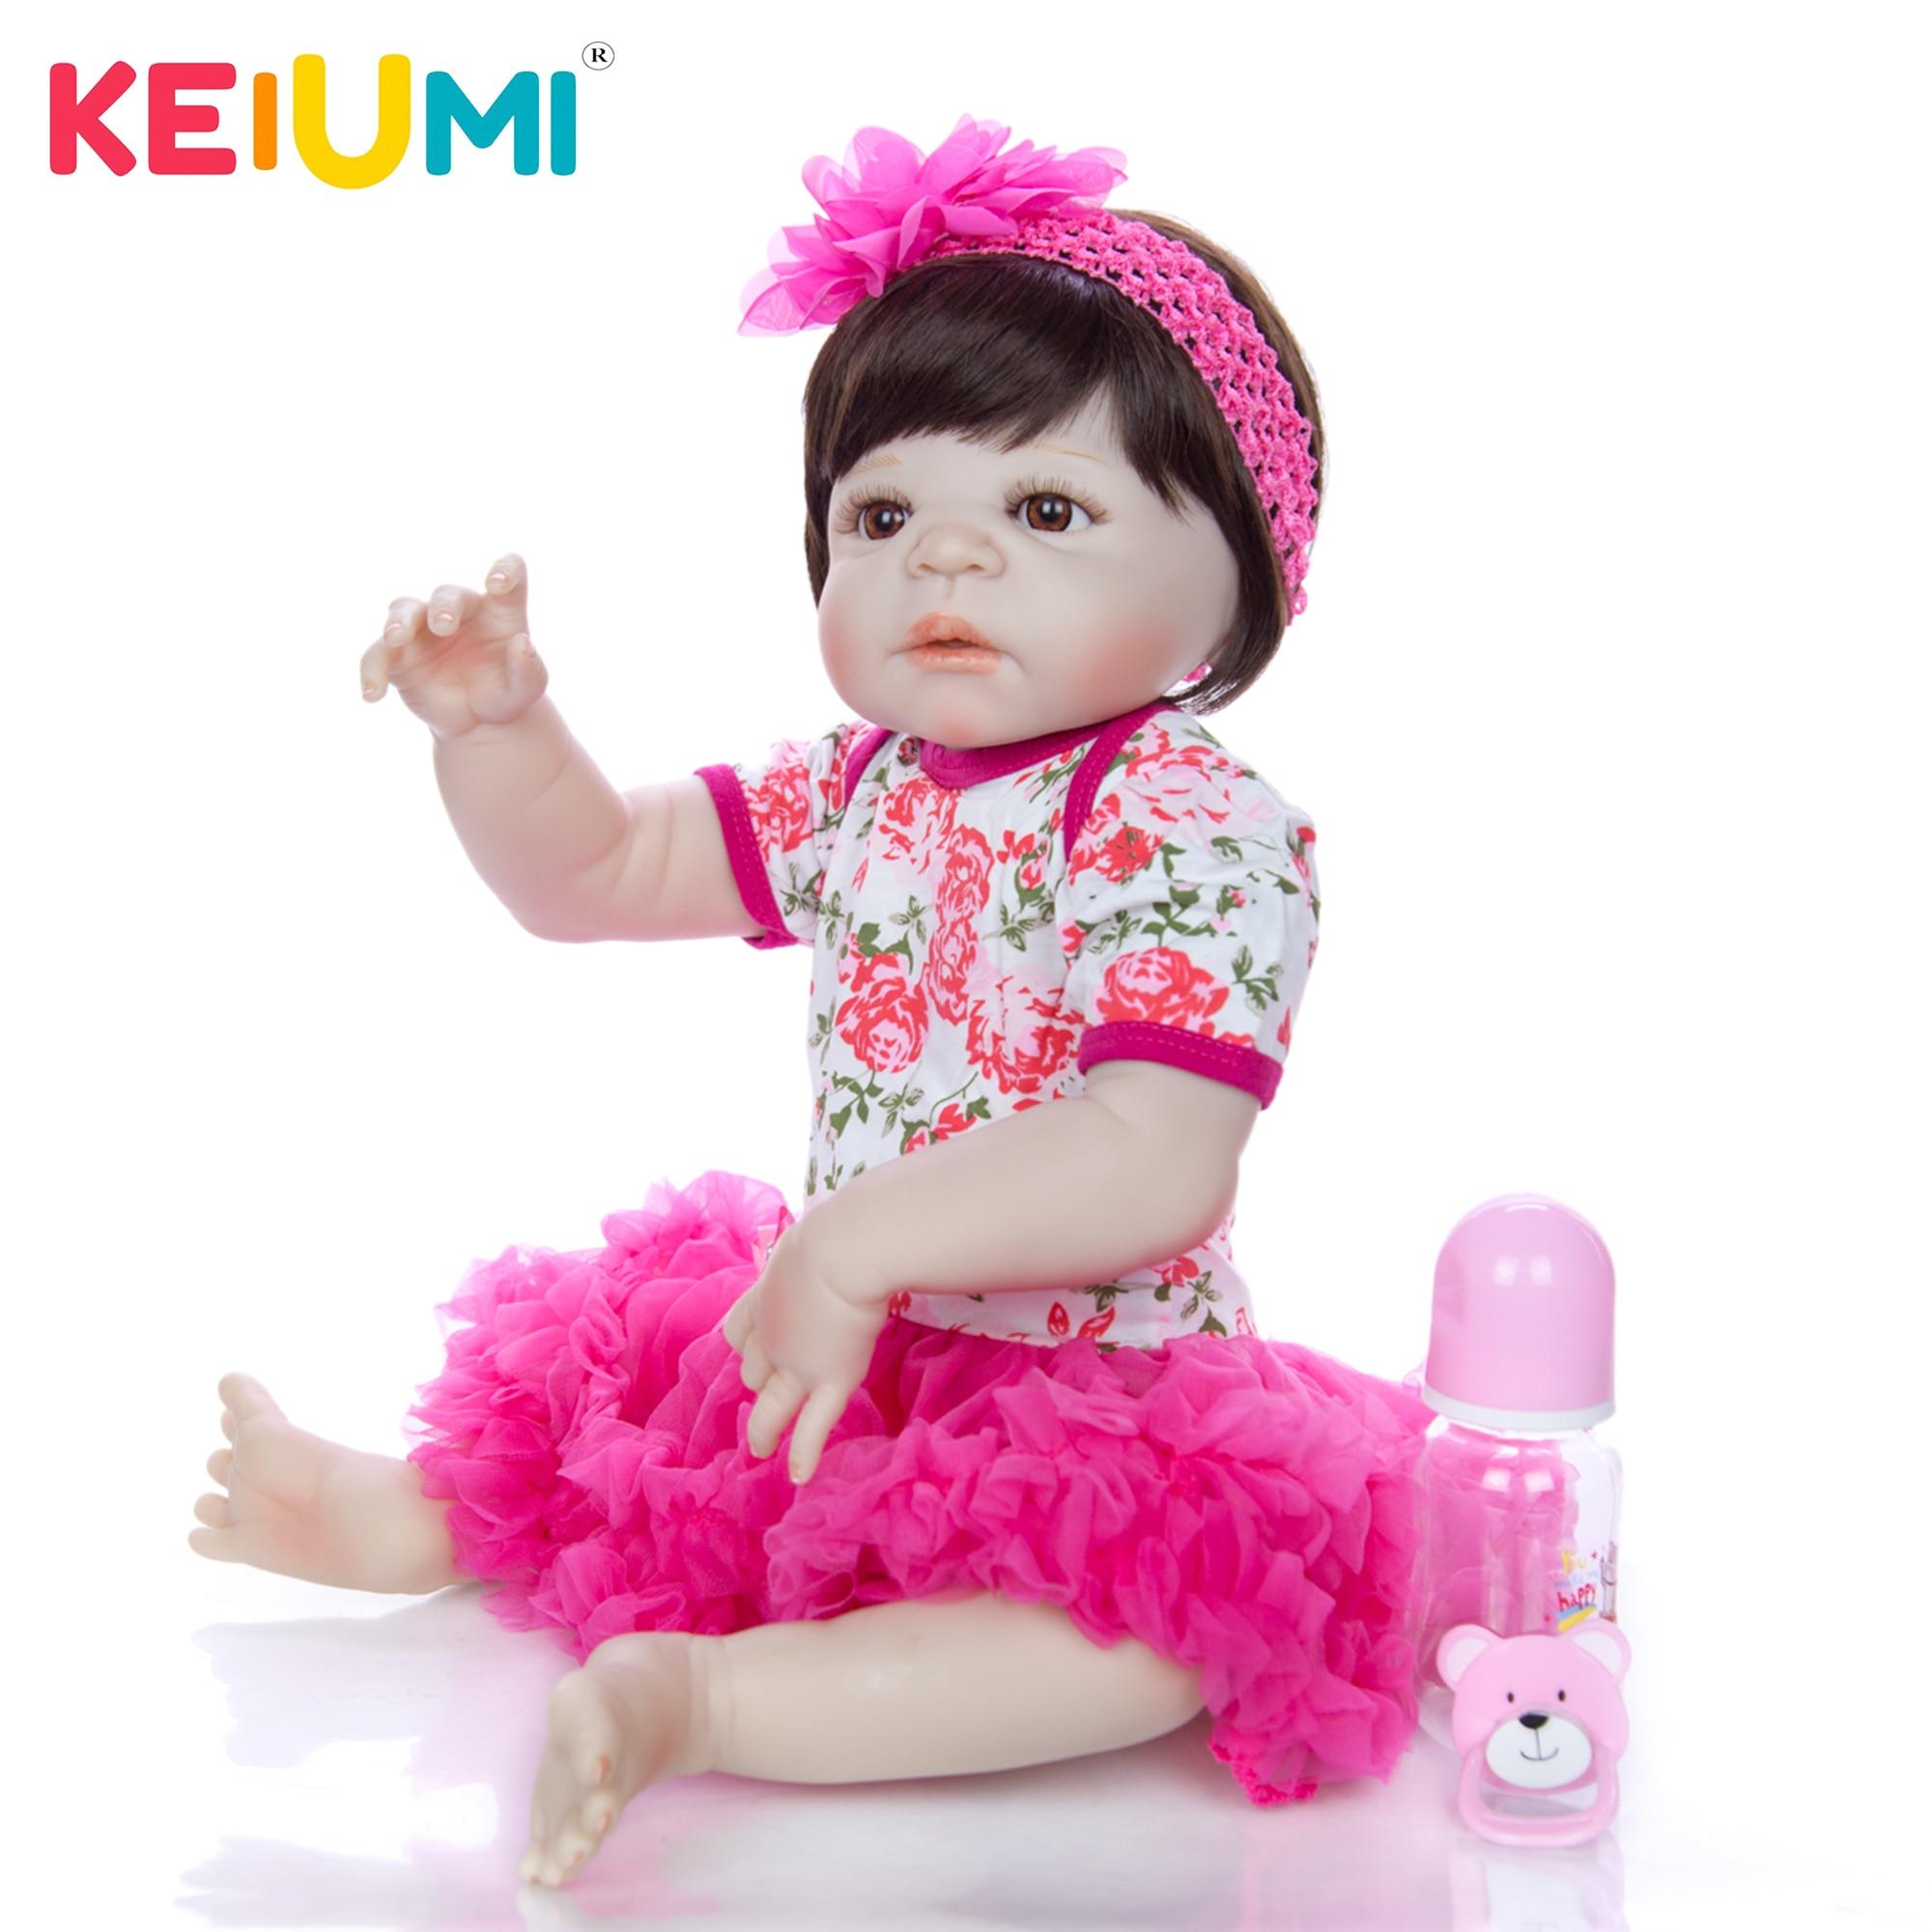 Oyuncaklar ve Hobi Ürünleri'ten Bebekler'de KEIUMI Moda Reborn Kız Bebek 23 ''57 cm Gerçekçi Yenidoğan Prenses Bebek bebek çocuklar için doğum günü hediyesi Yatmadan Oyun'da  Grup 1